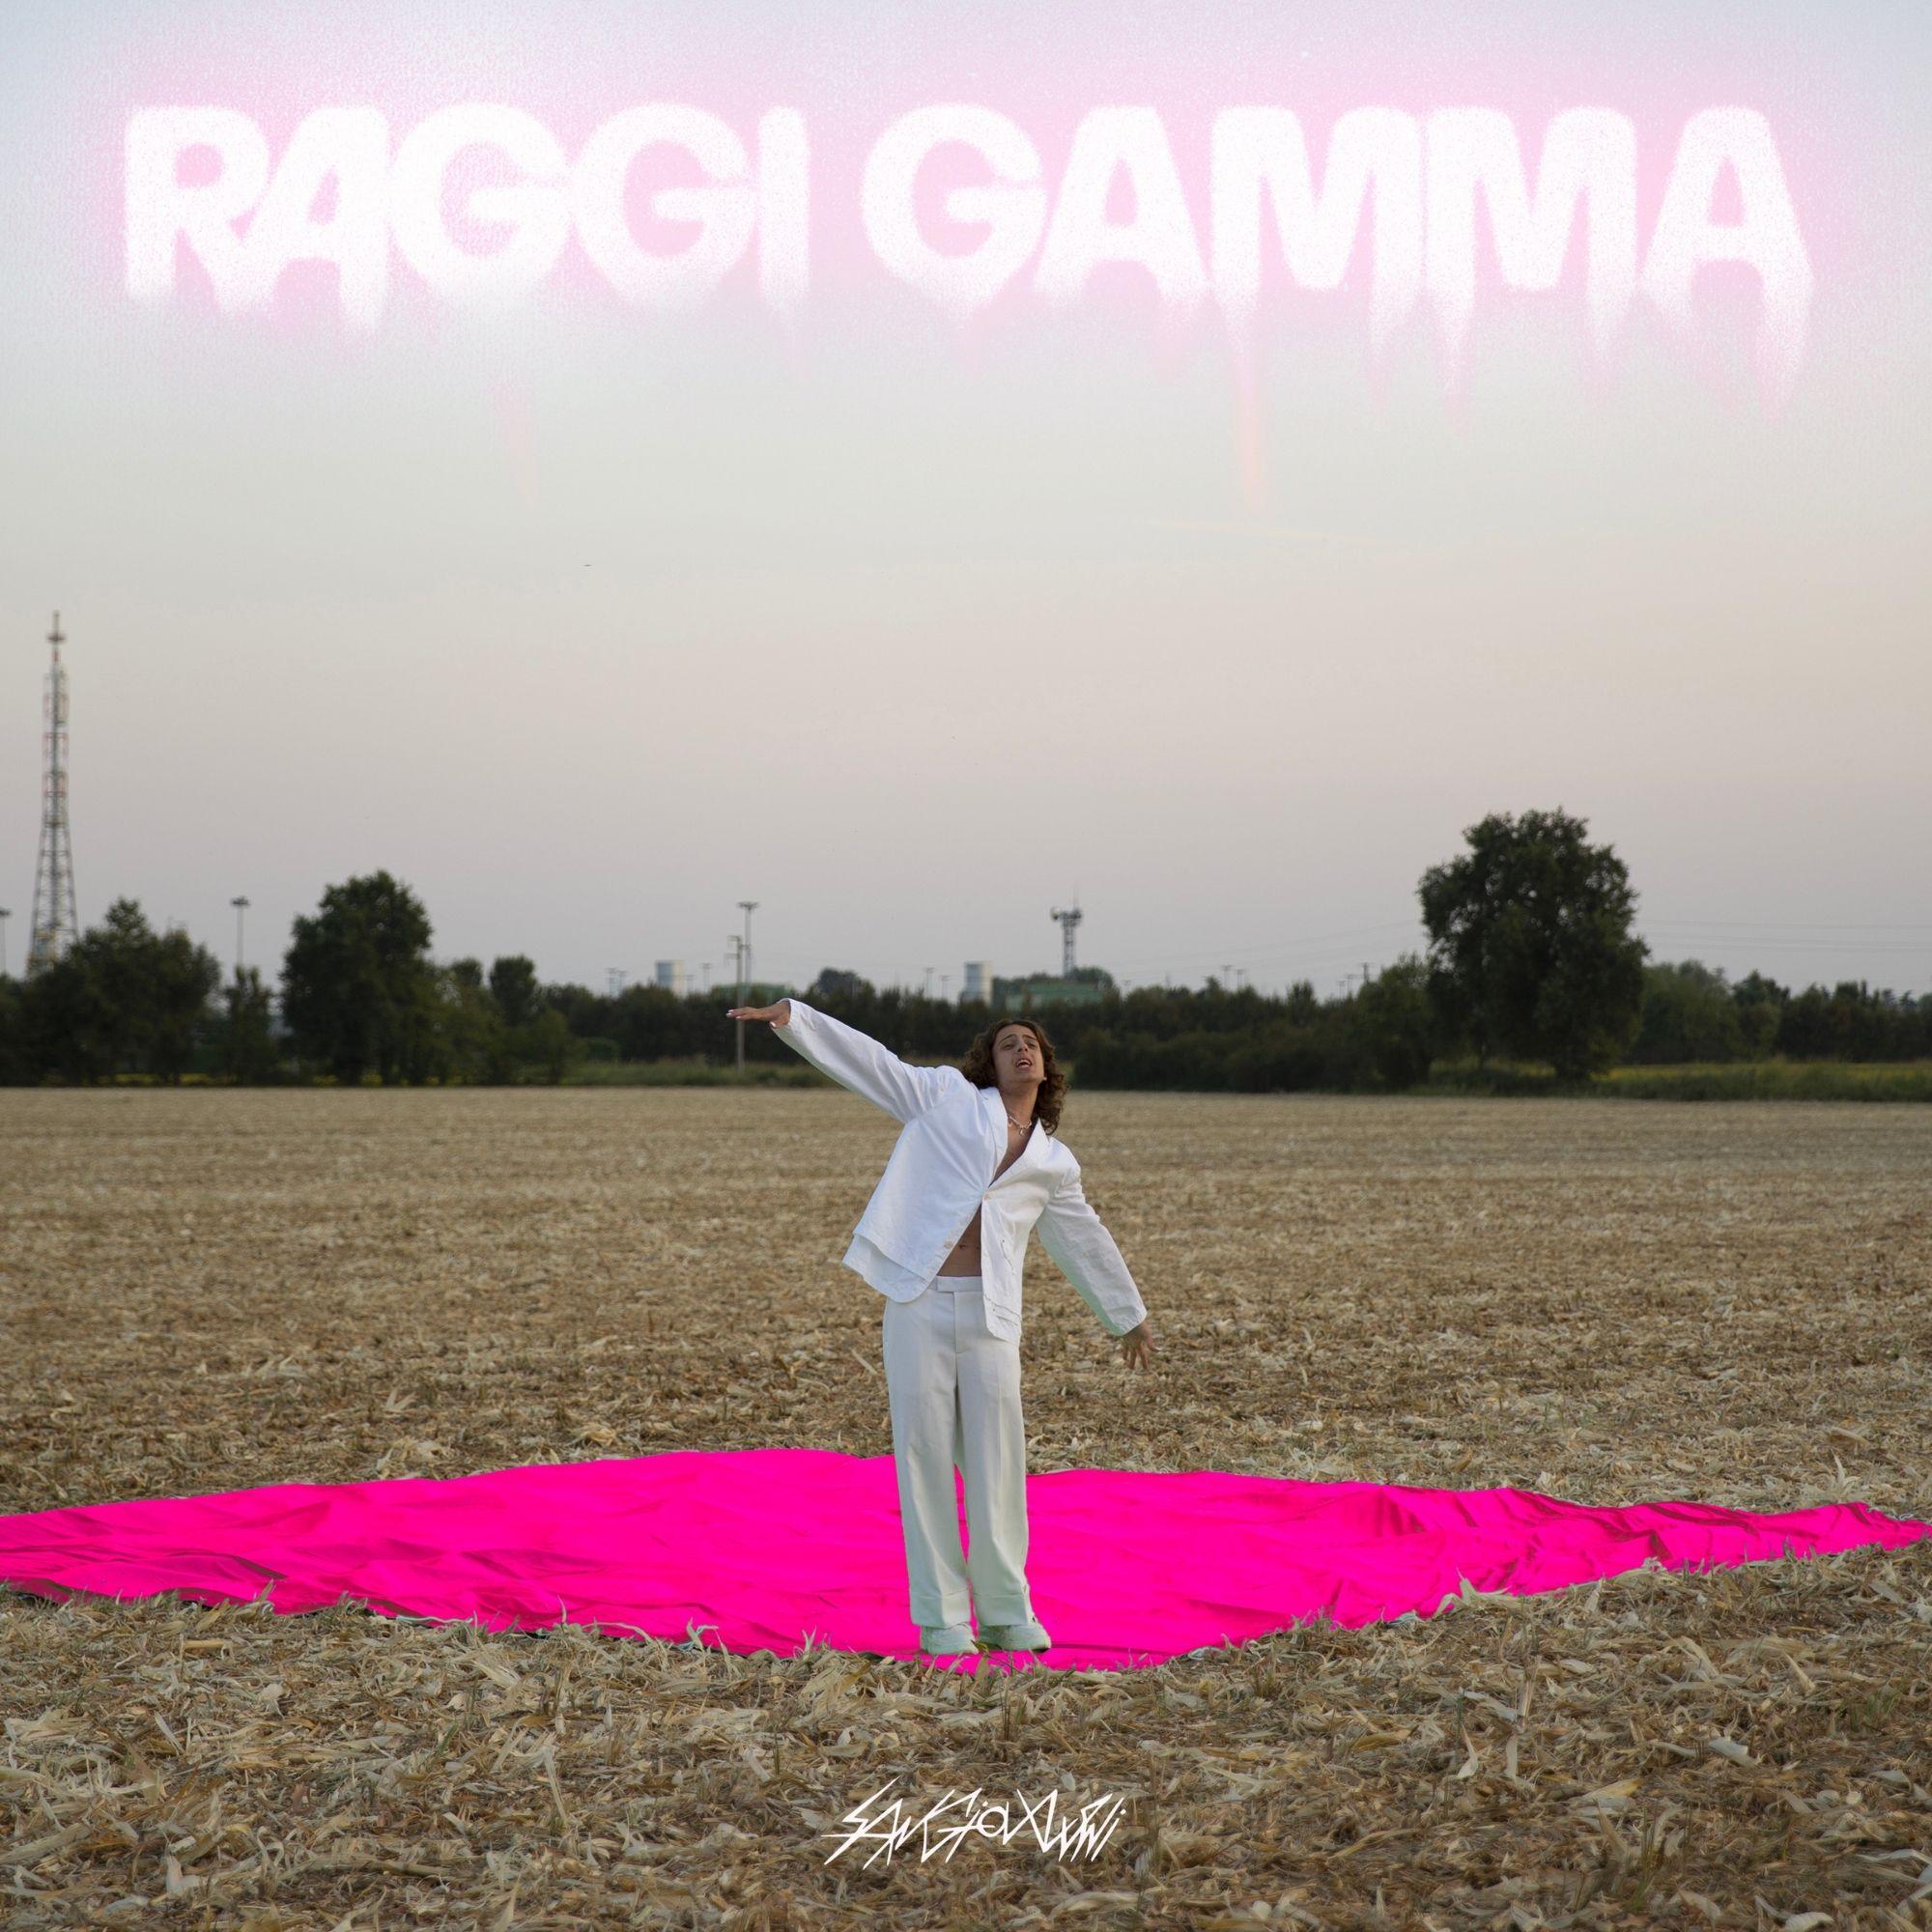 Raggi Gamma